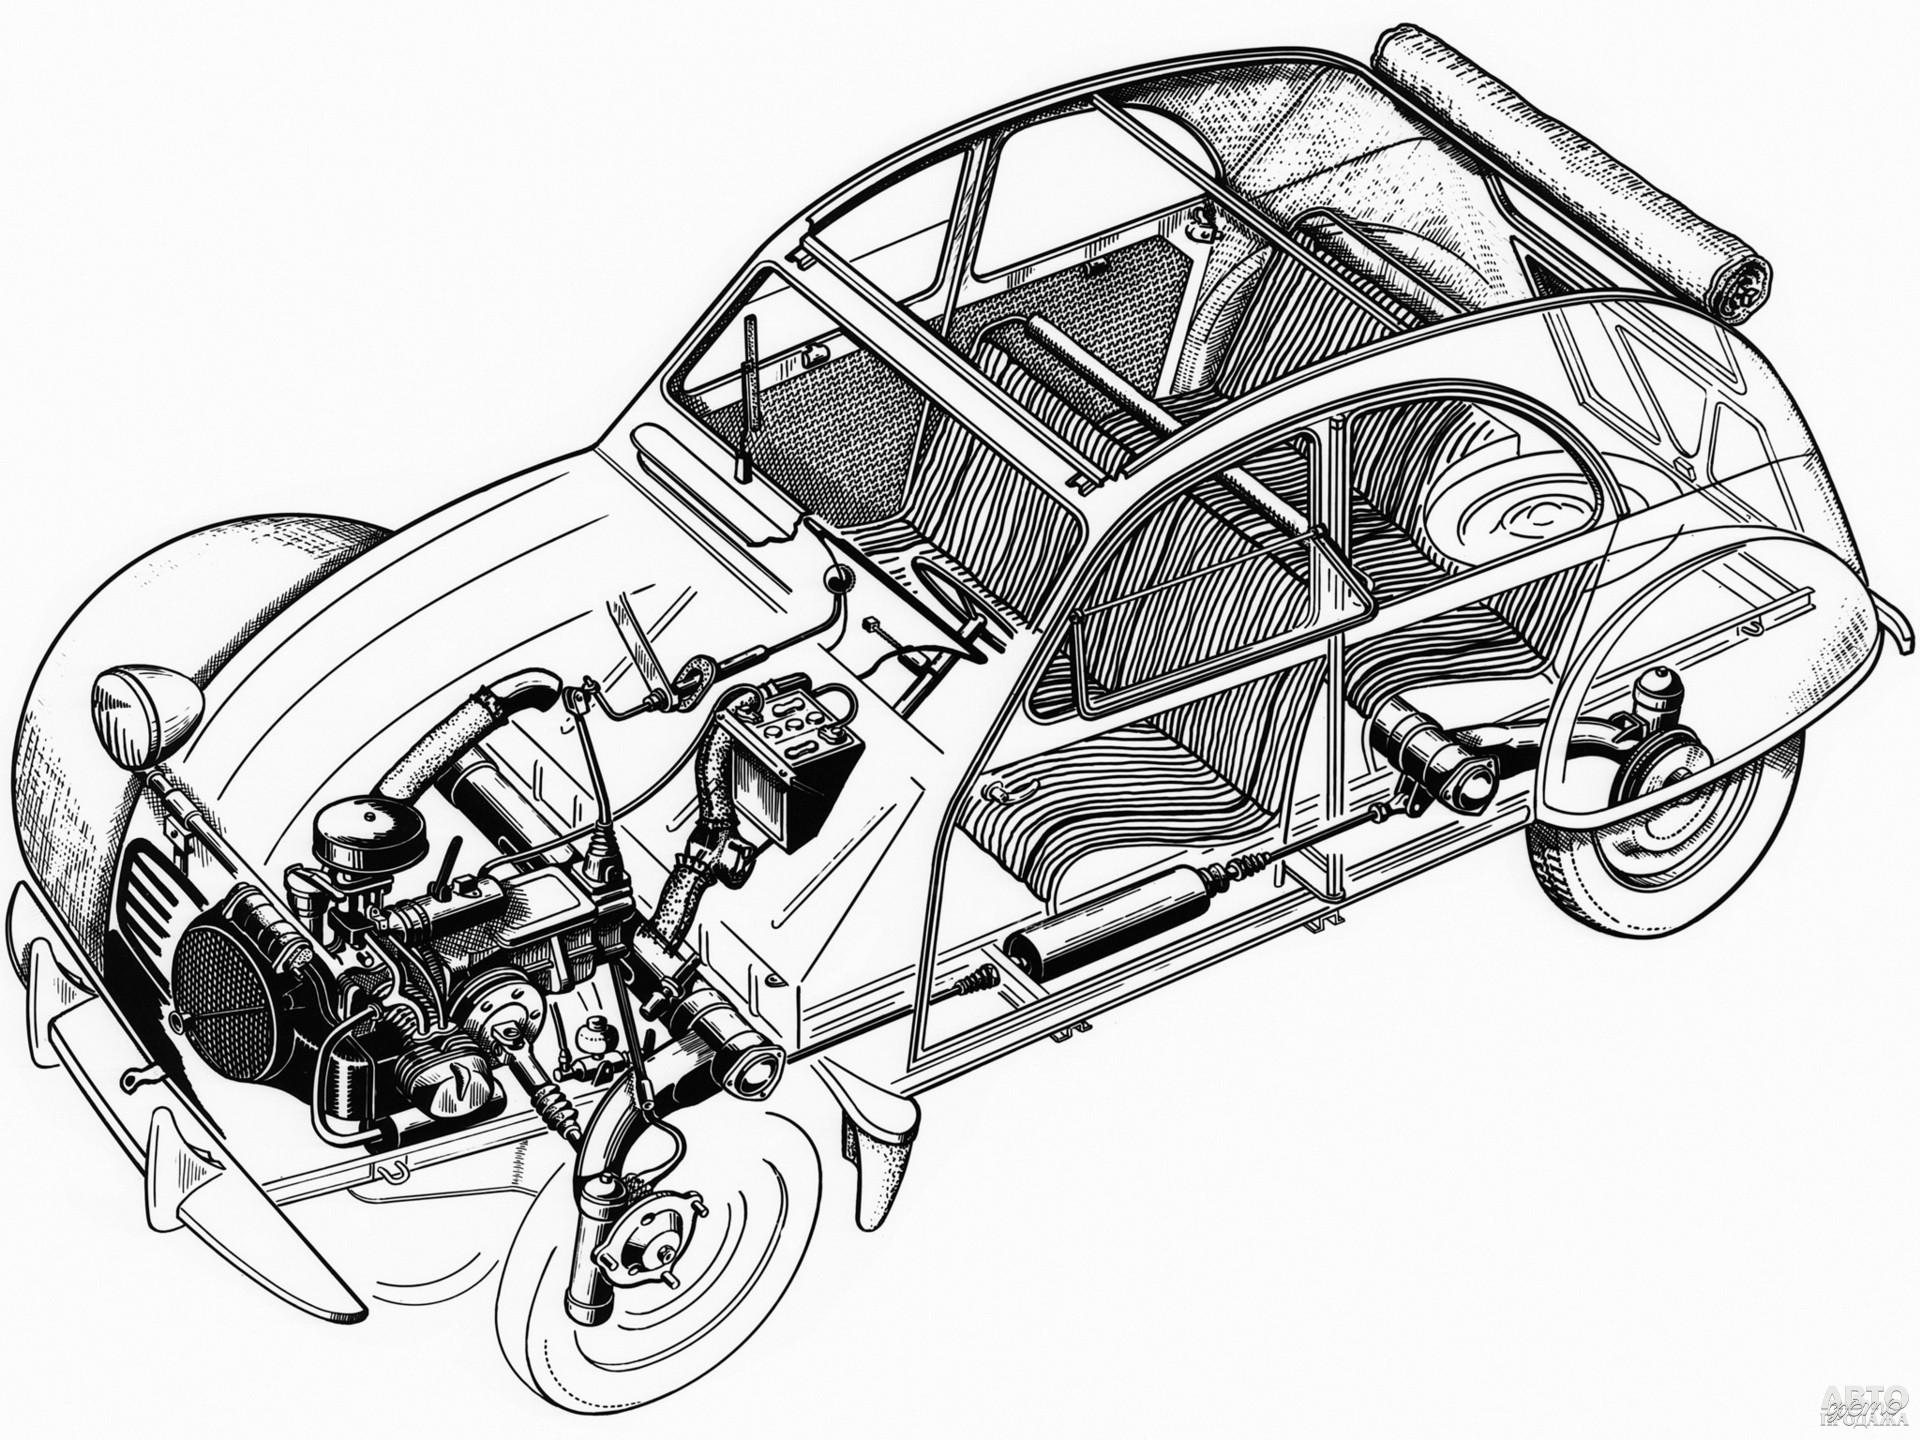 Citroen_2CV – одна из первых массовых моделей с передним приводом